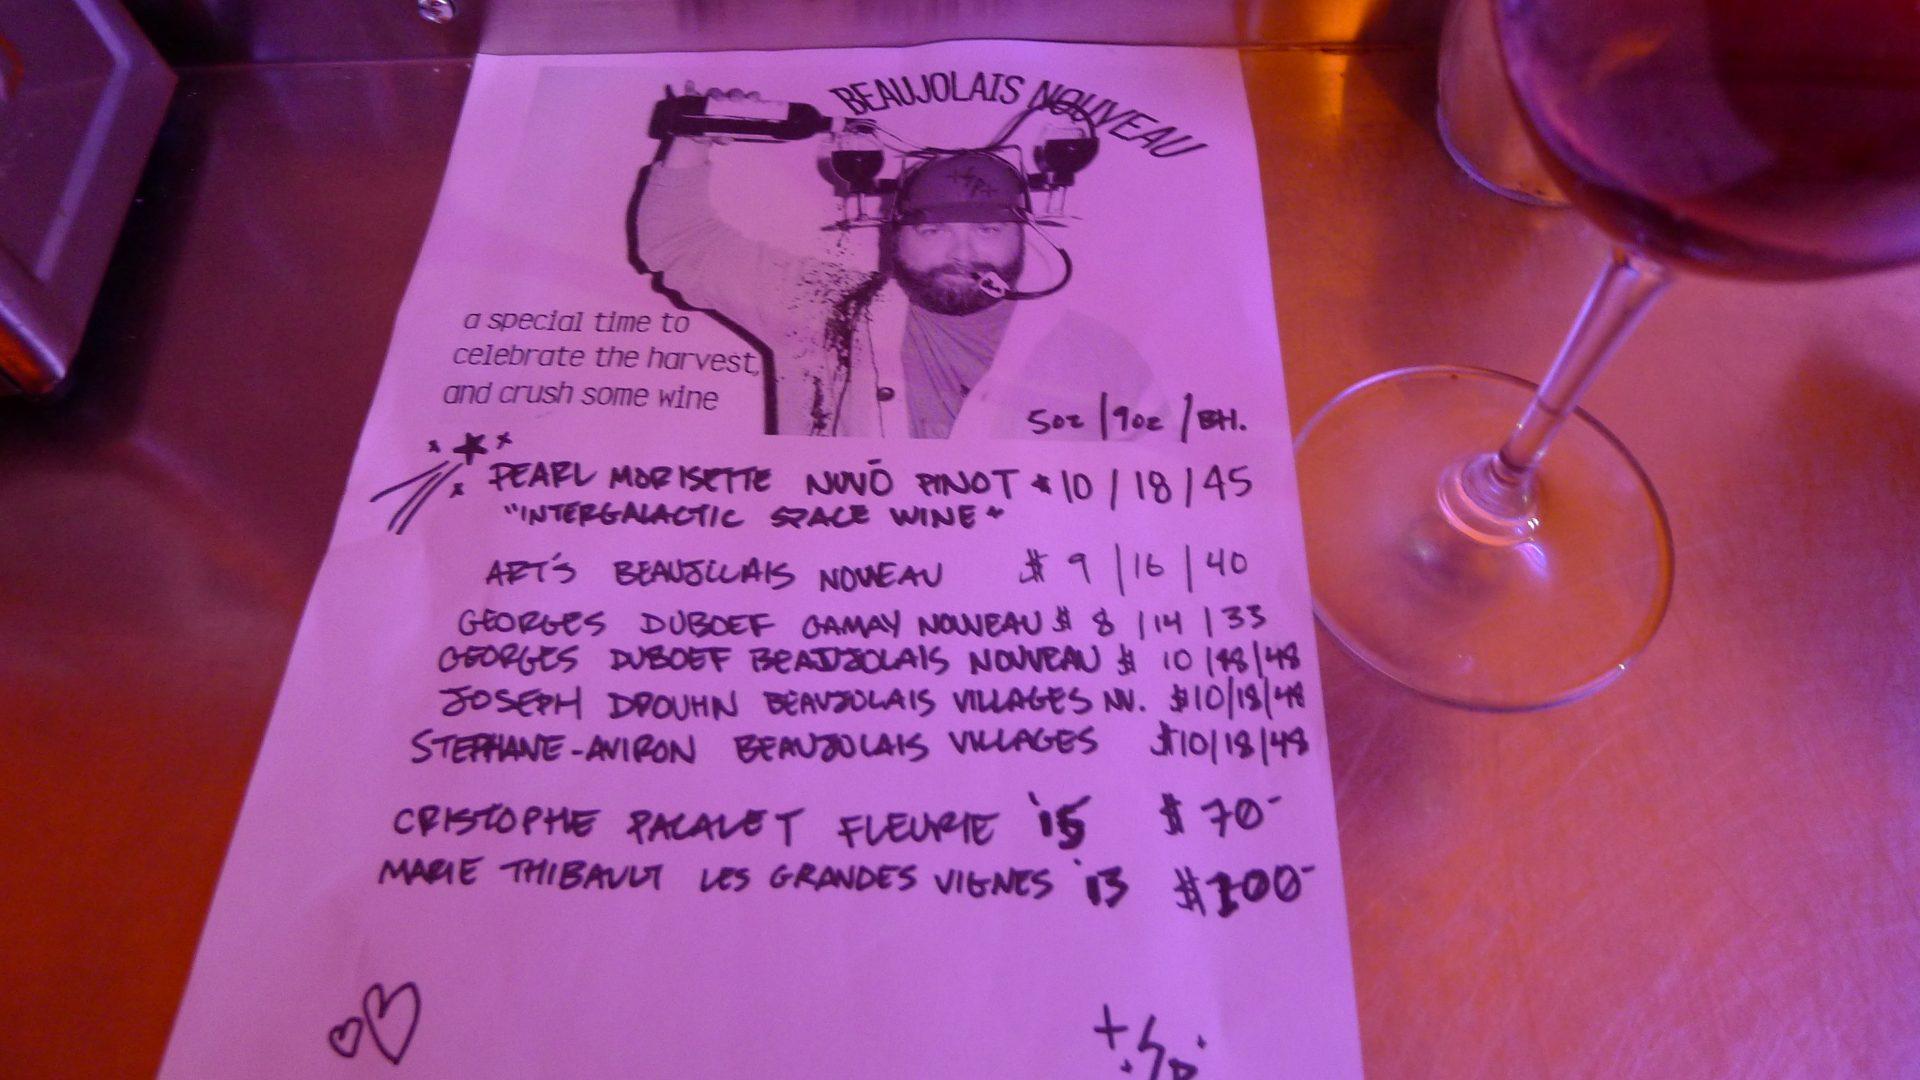 Superpoint's special Beaujolais Nouveau winelist.